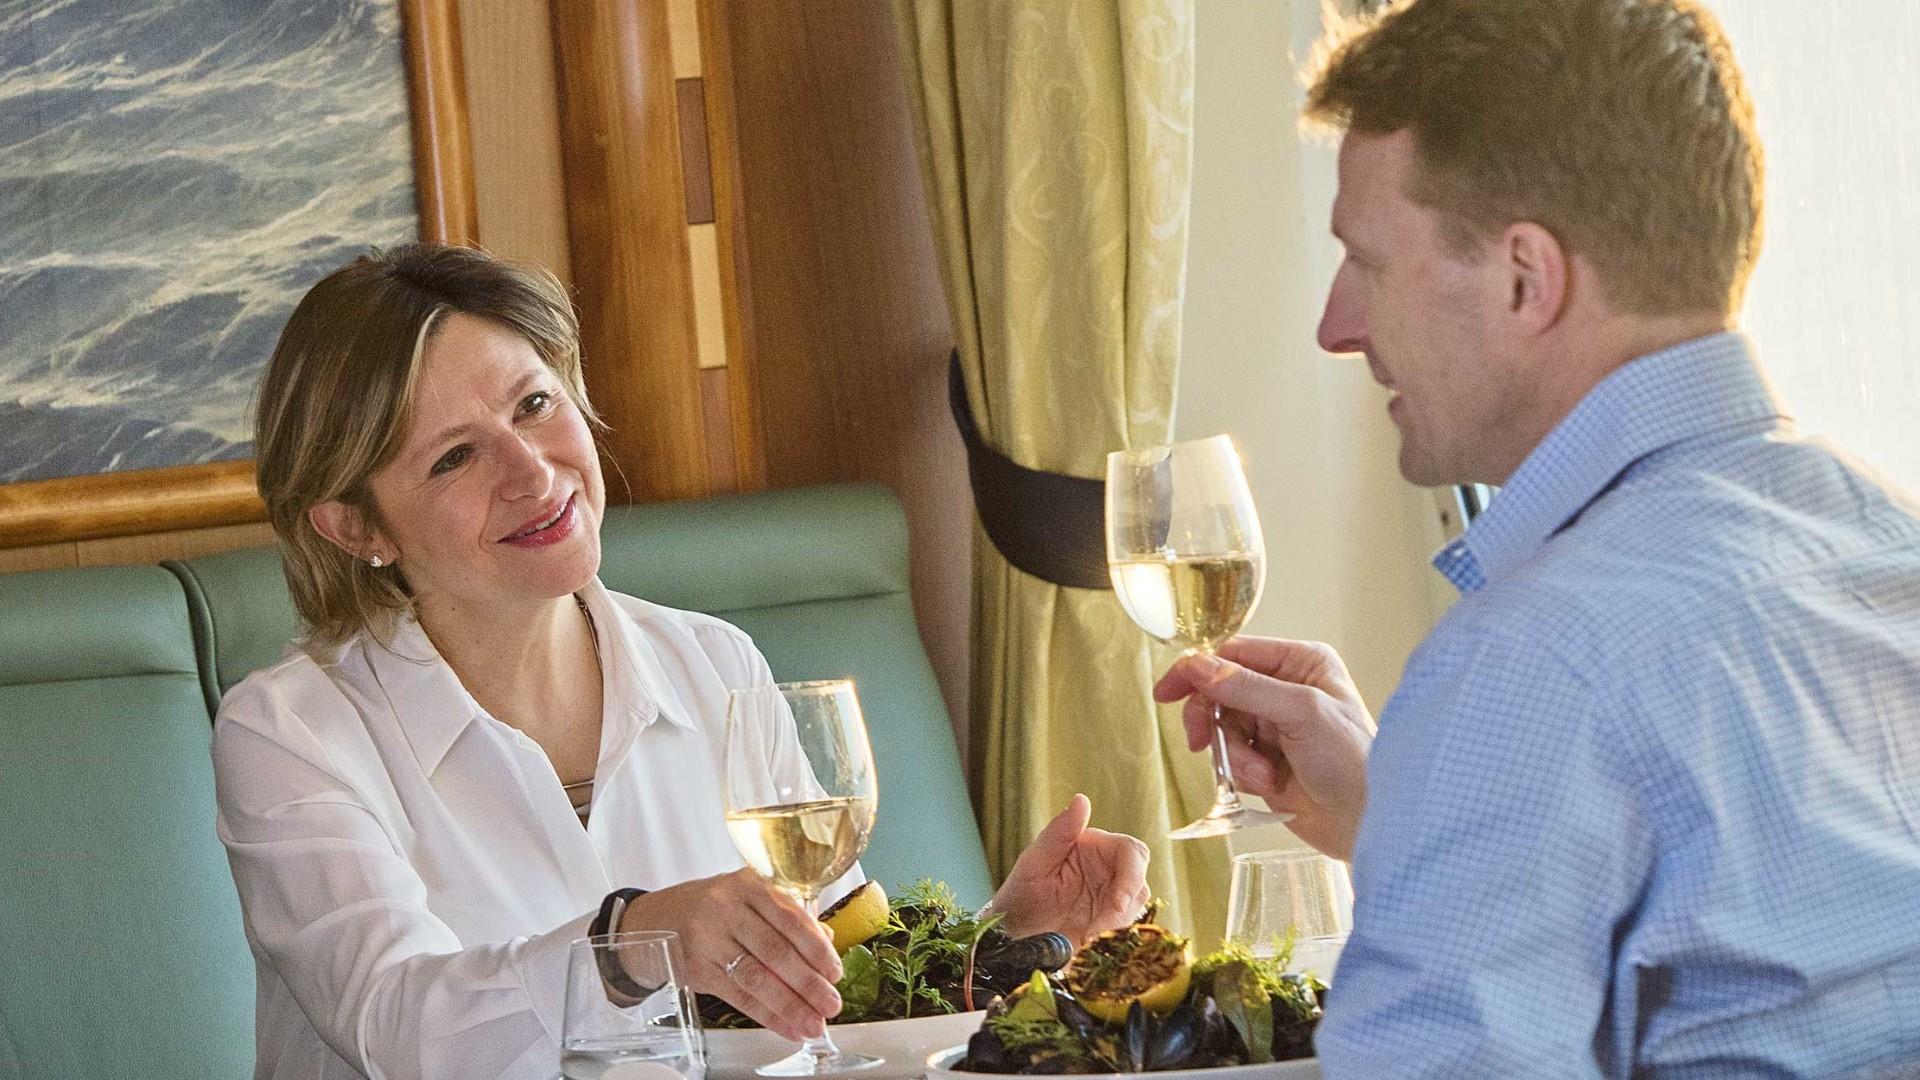 高档餐厅 A La Carte